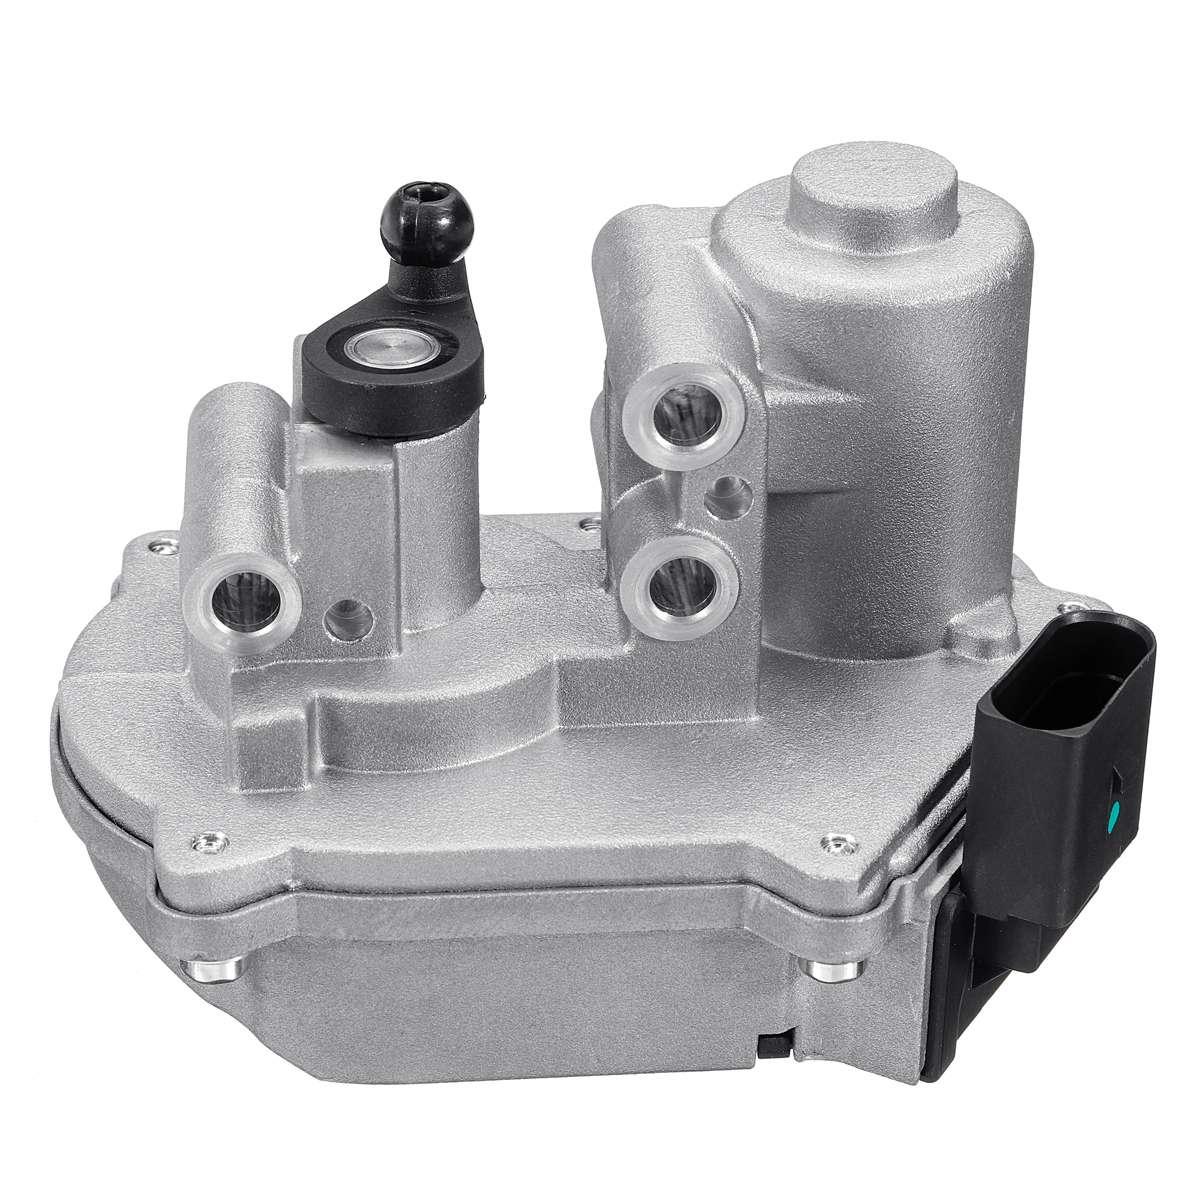 Intake Manifold motor Actuator 4-pin Audi VW 2.7 3.0 TDI 059129086D 2pcs